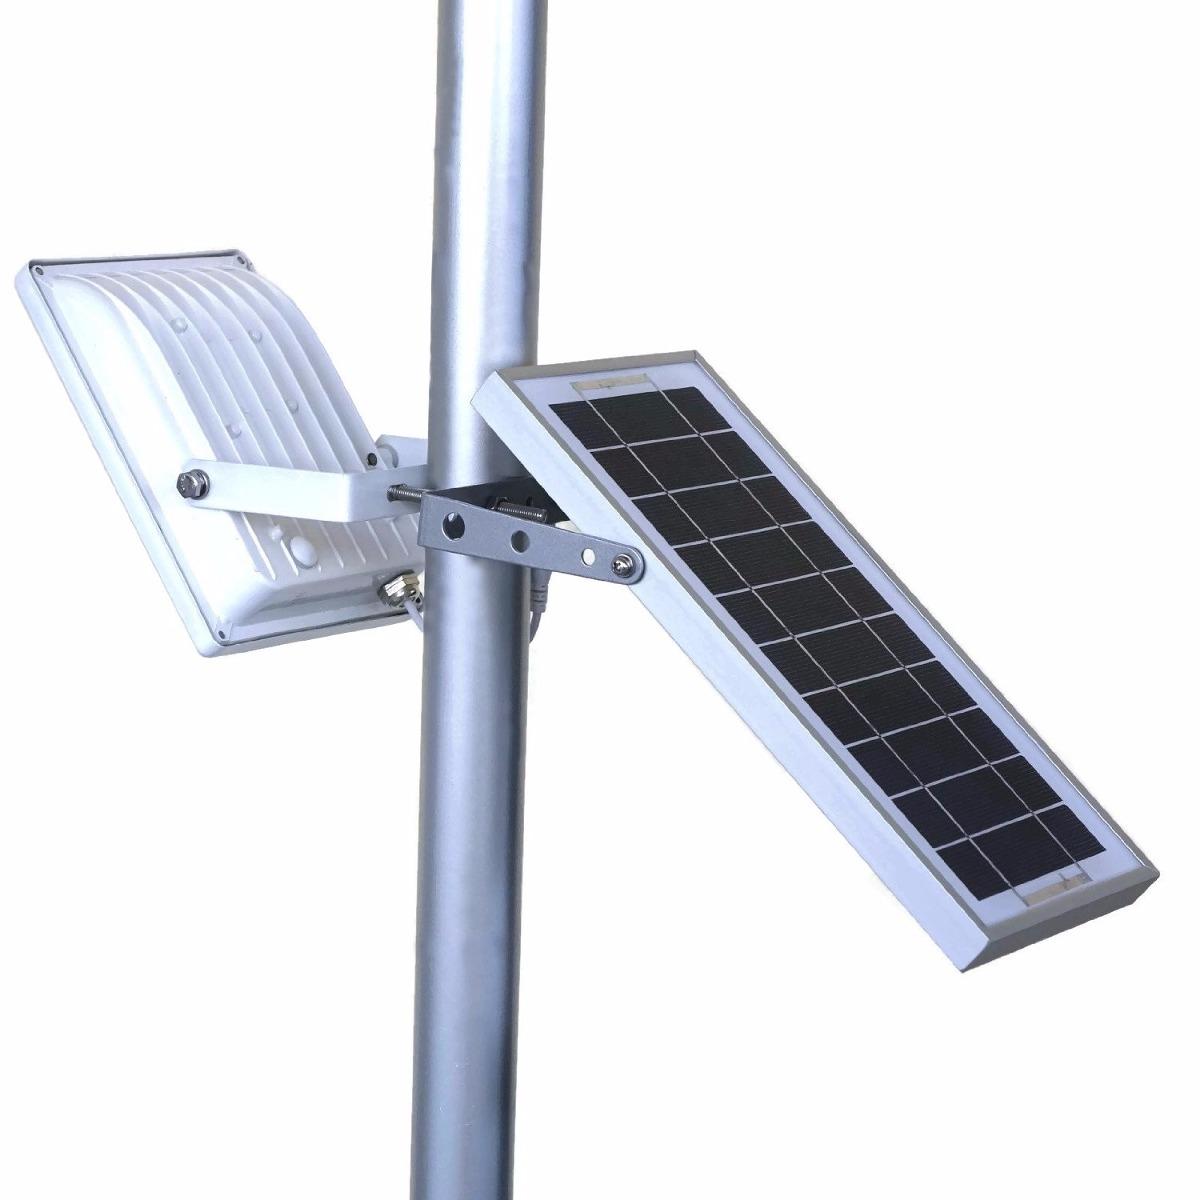 Lampara solar exterior alpha 600x 1 en mercado for Lampara solar pared exterior